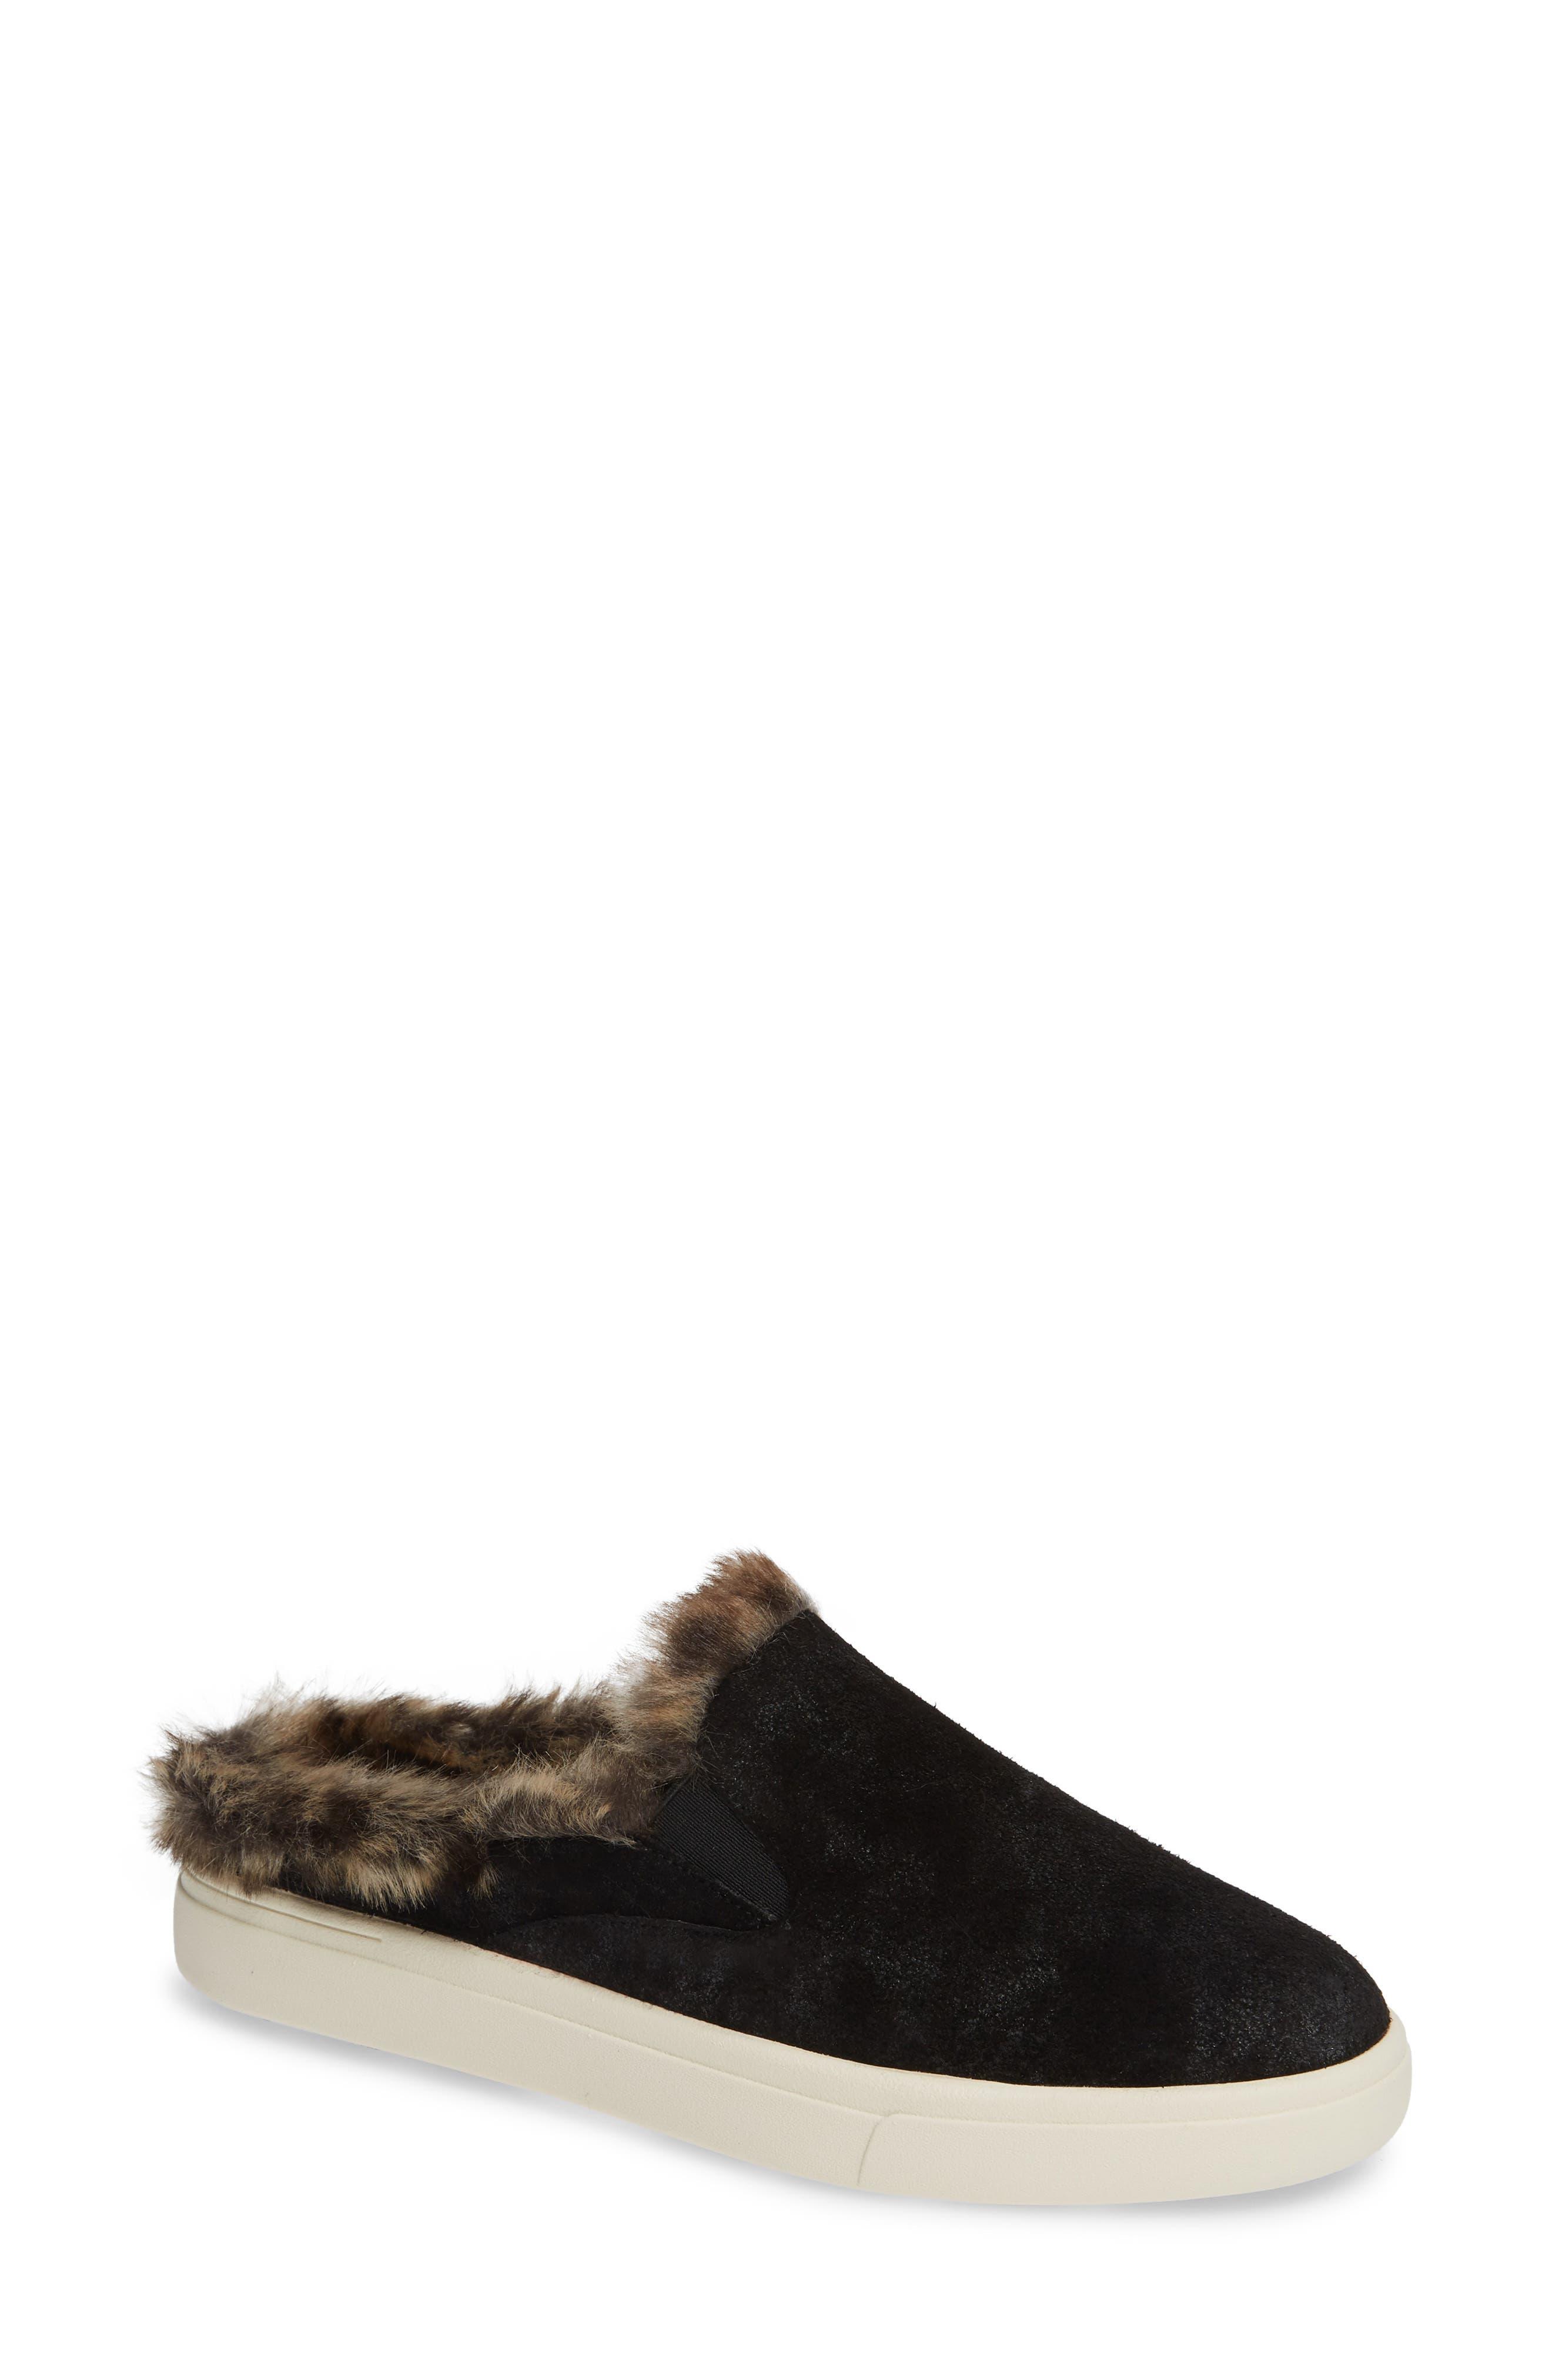 VANELI,                             Yasir Slip-On Sneaker,                             Main thumbnail 1, color,                             BLACK SUEDE